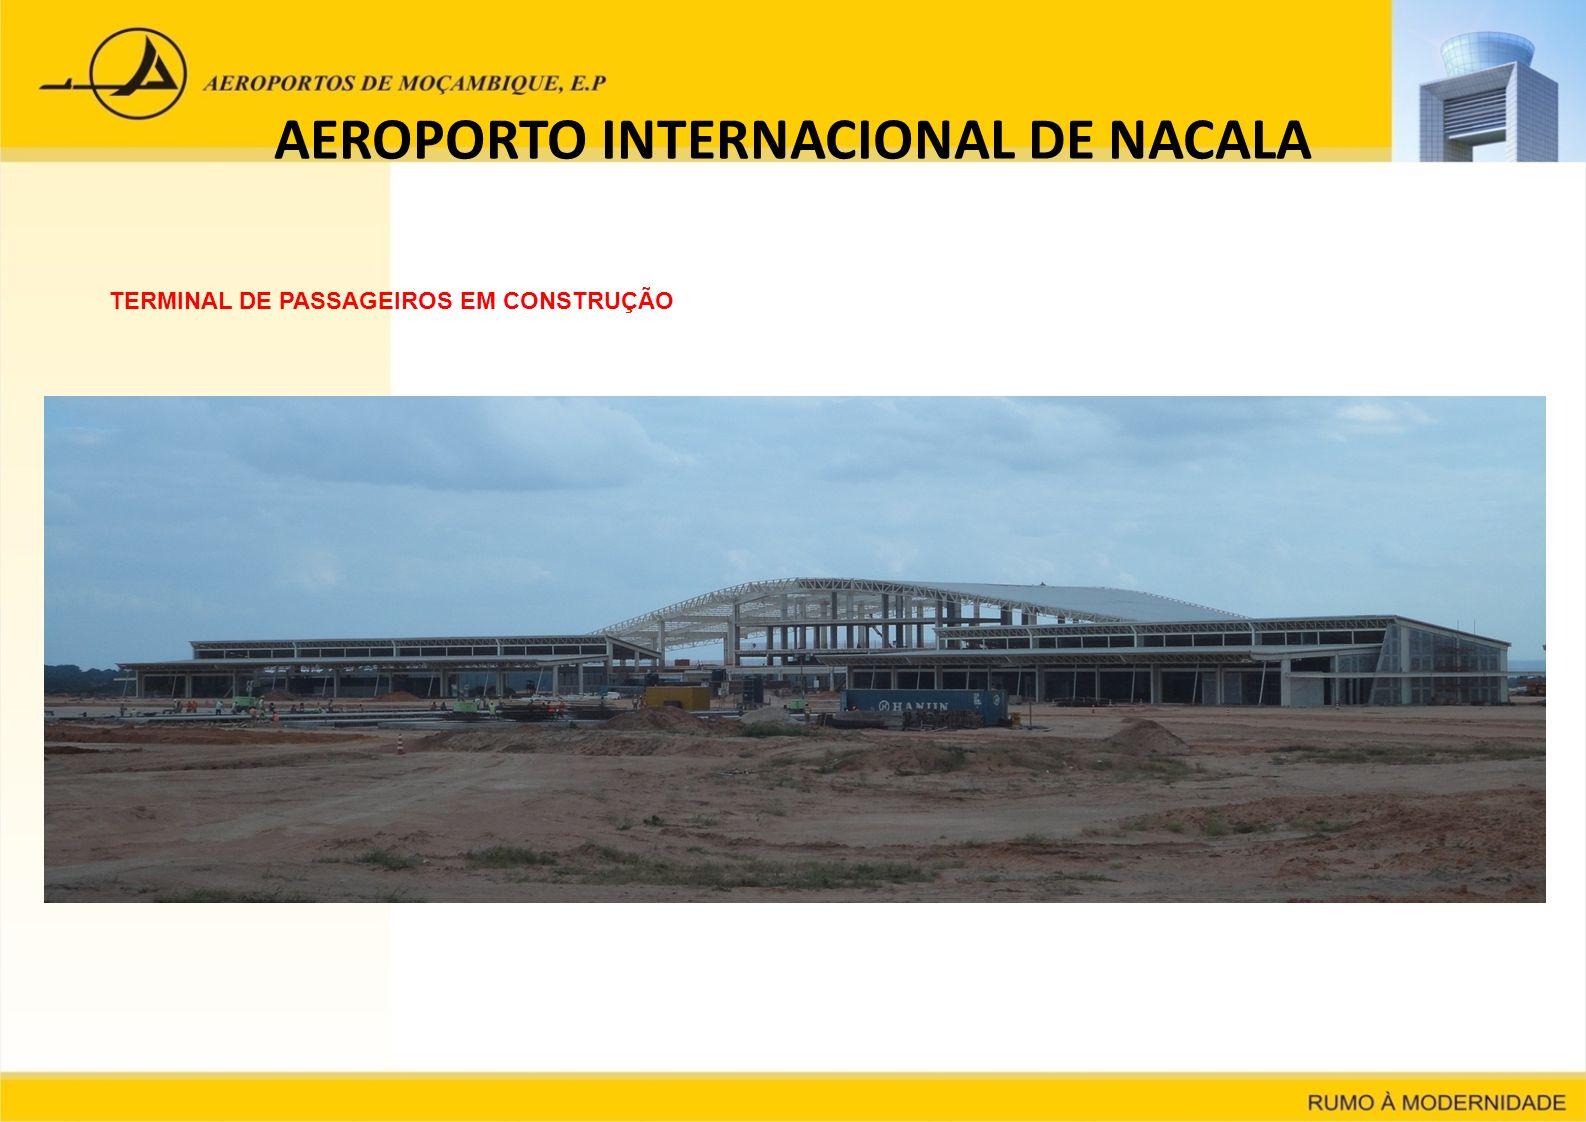 AEROPORTO INTERNACIONAL DE NACALA TERMINAL DE PASSAGEIROS EM CONSTRUÇÃO